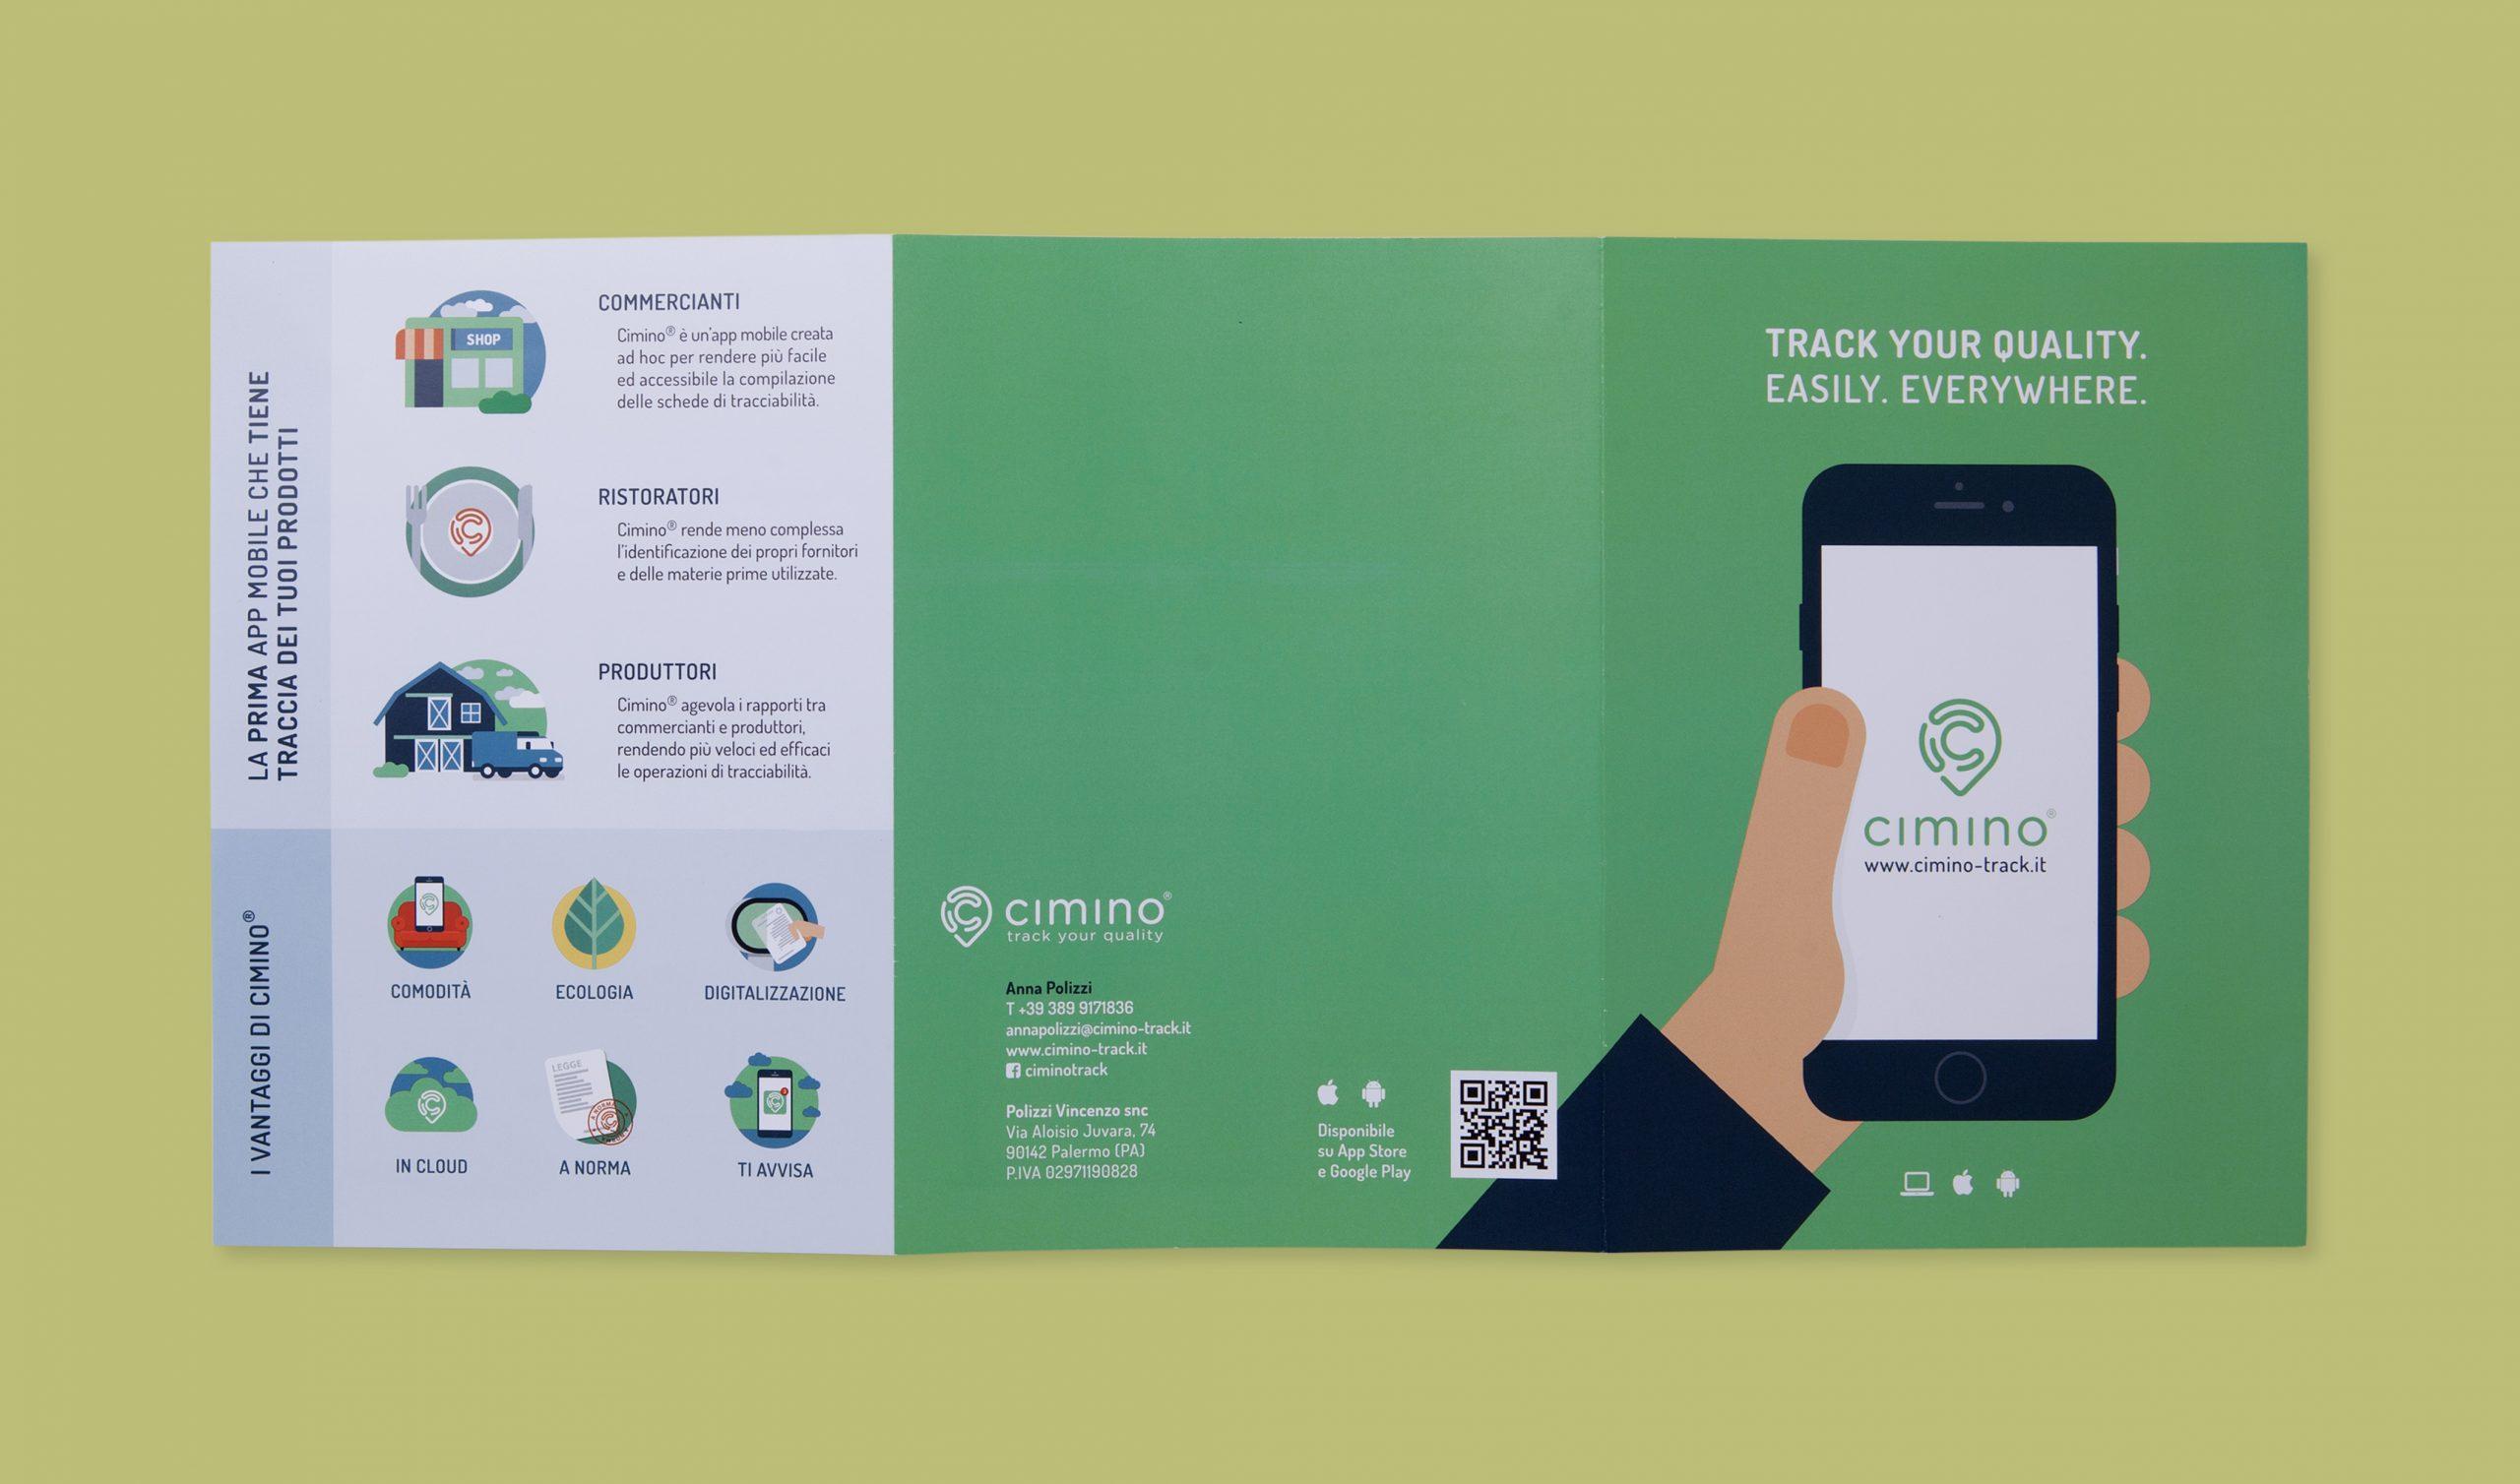 Cimino interfaccia app mobile - Pieghevole